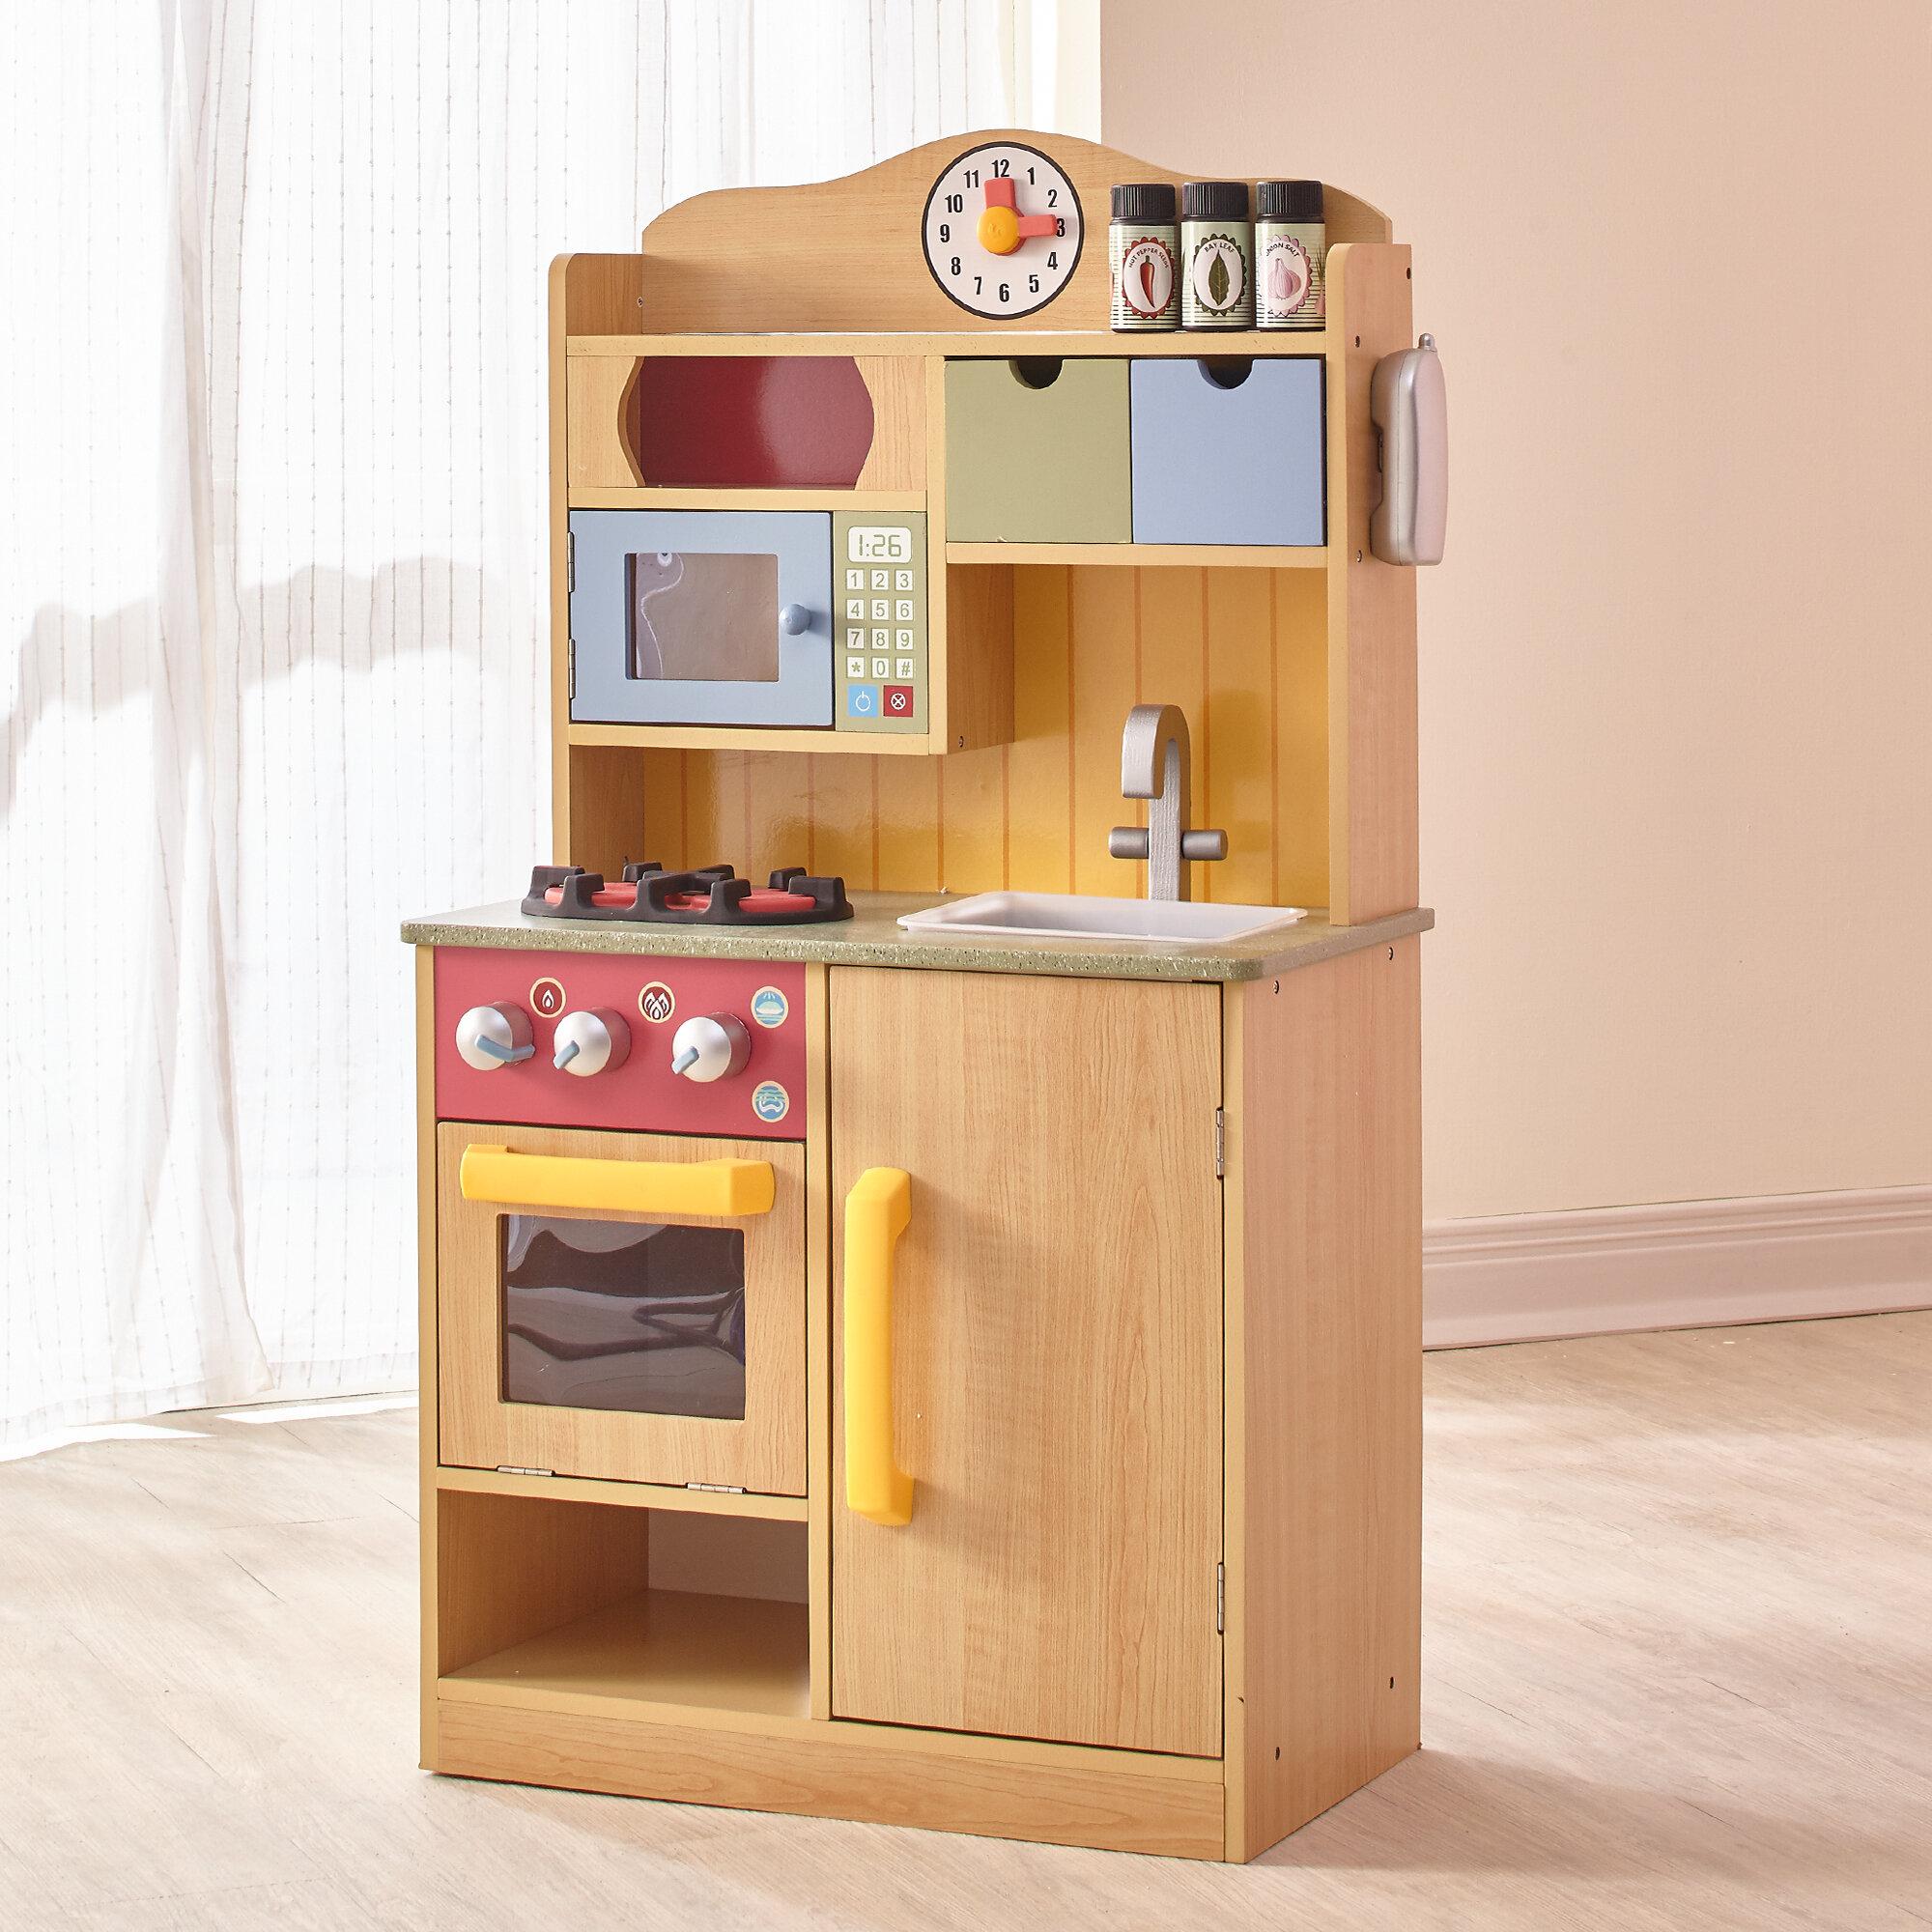 teamson kids 5 piece little chef wooden play kitchen set with accessories reviews wayfair - Wooden Kitchen Set